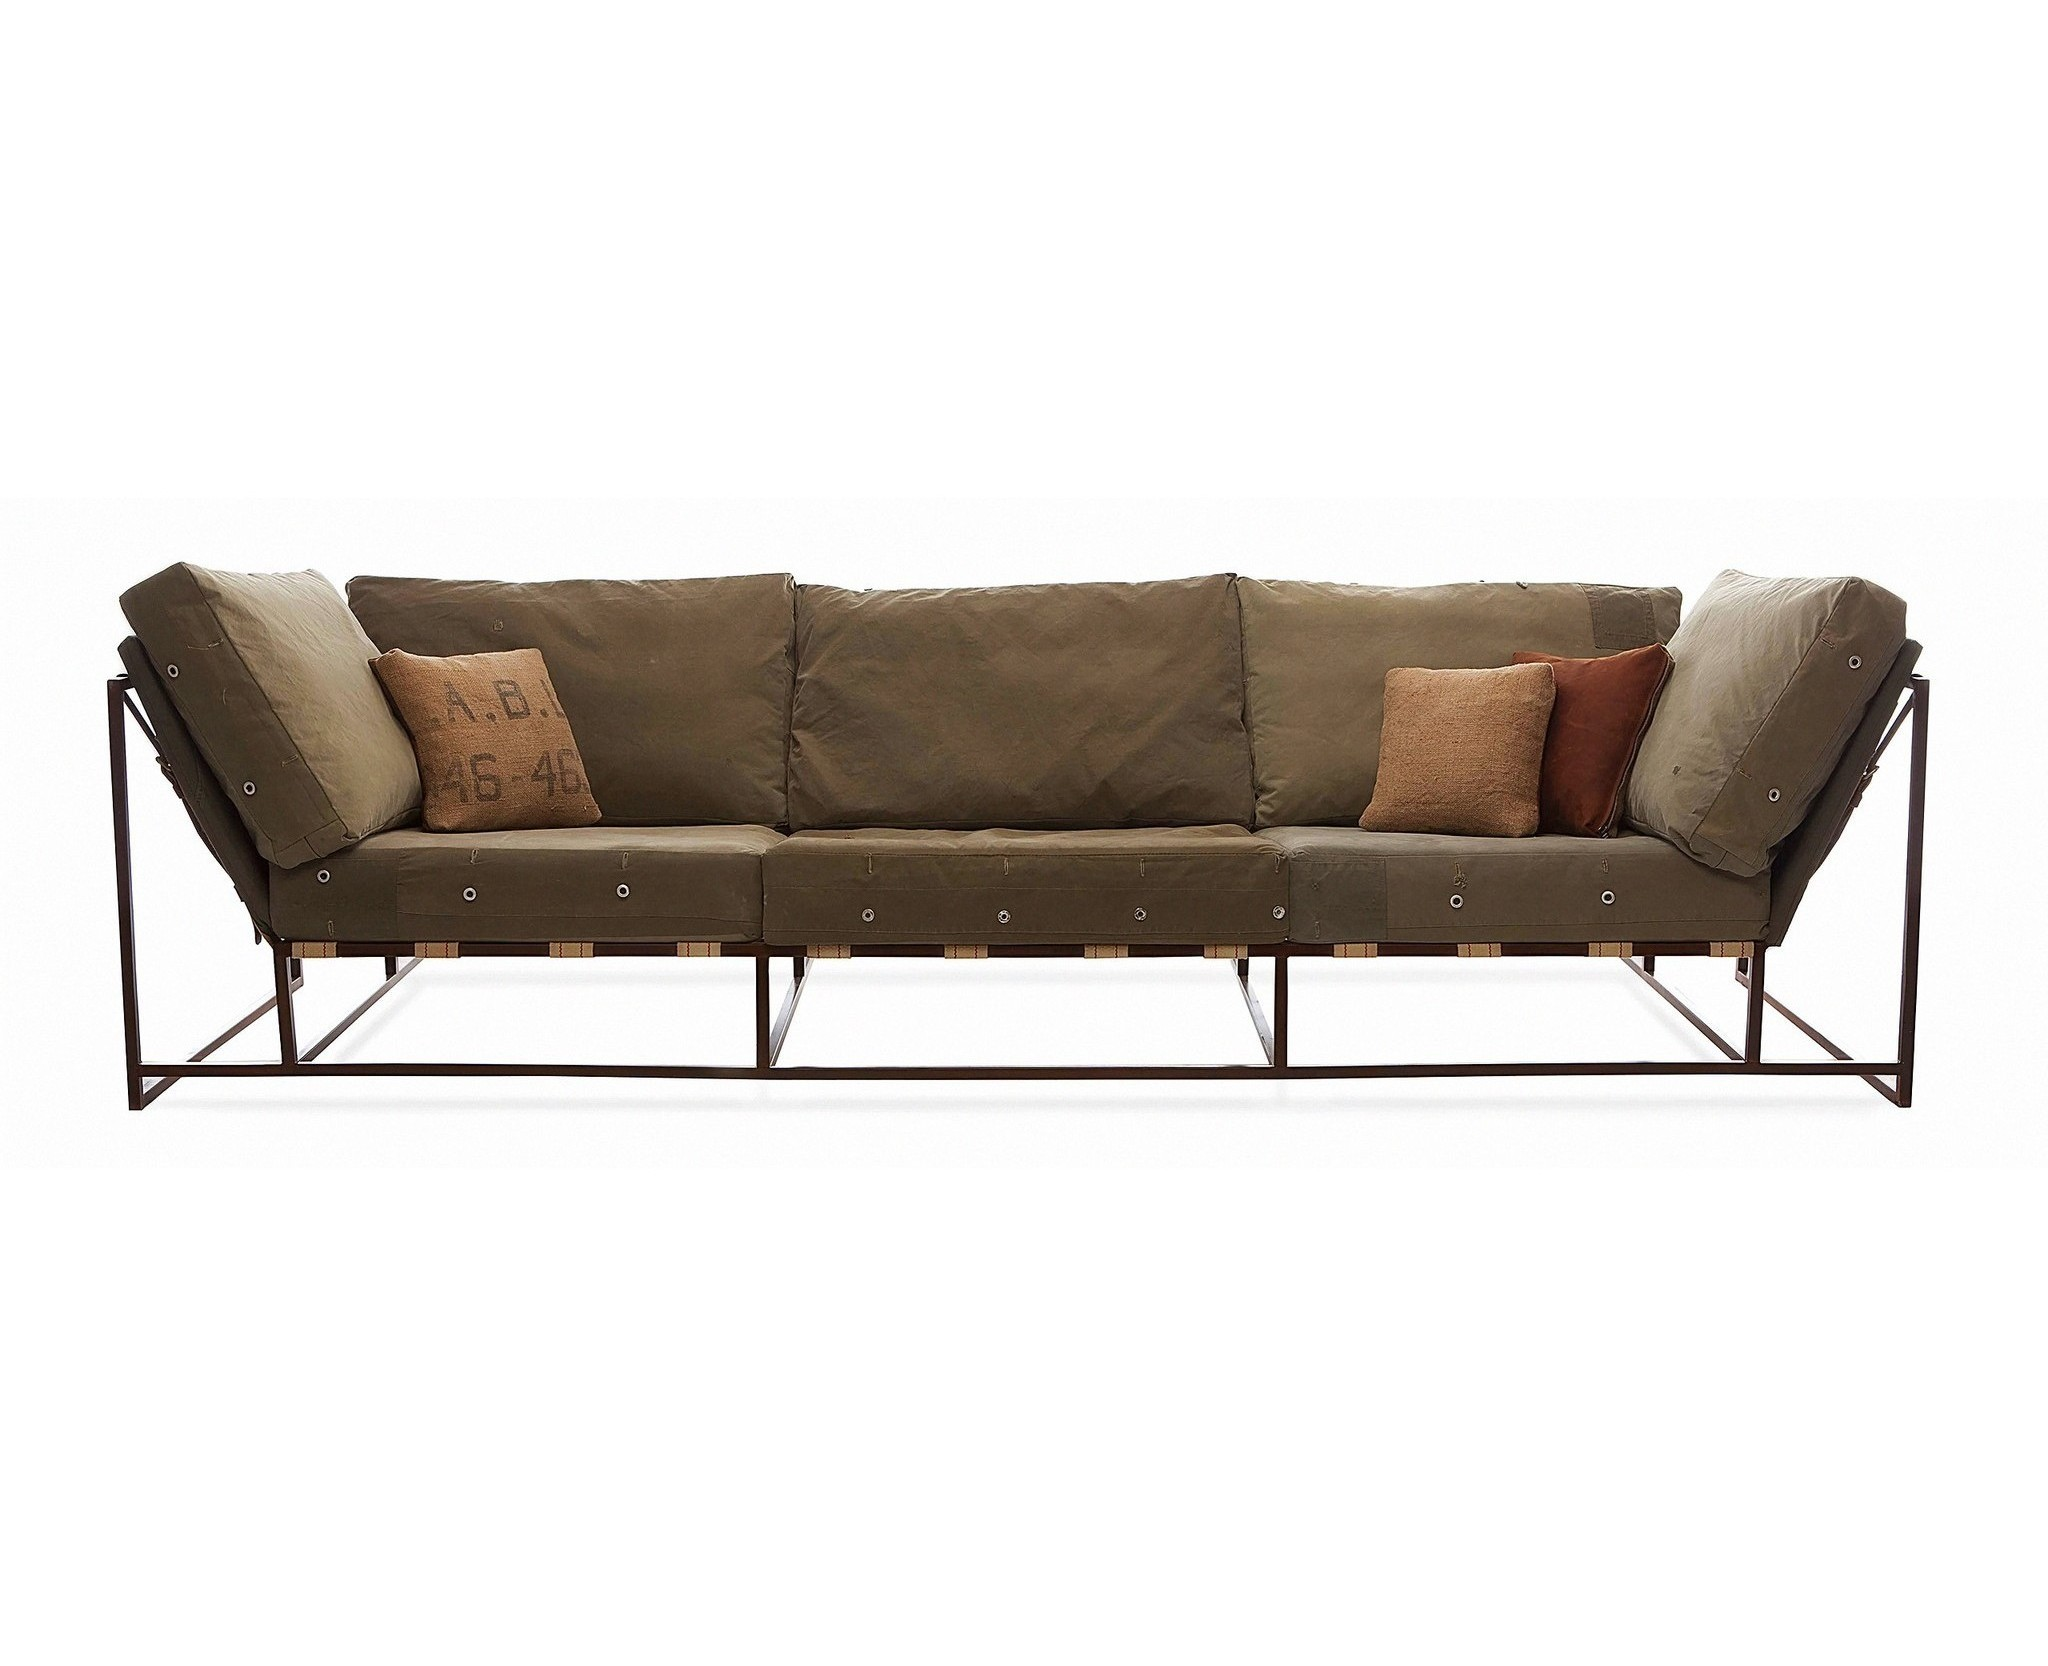 Трехместный диван МилитариТрехместные диваны<br>&amp;lt;div&amp;gt;Трехместный диван линейки &amp;quot;Милитари&amp;quot; изготовлен из натуральных и экологически чистых материалов - натуральной кожи. За счет изменения цвета каркаса и оттенка кожи диваны линейки &amp;quot;Милитари&amp;quot; гармонично впишутся в любой интерьер и подчеркнут Ваш великолепный вкус.&amp;lt;/div&amp;gt;&amp;lt;div&amp;gt;&amp;lt;br&amp;gt;&amp;lt;/div&amp;gt;&amp;lt;div&amp;gt;В комплект входят 8 подушек.&amp;lt;/div&amp;gt;&amp;lt;div&amp;gt;Металлокаркас,16 ремней.&amp;lt;/div&amp;gt;<br><br>Material: Текстиль<br>Ширина см: 264<br>Высота см: 76<br>Глубина см: 92